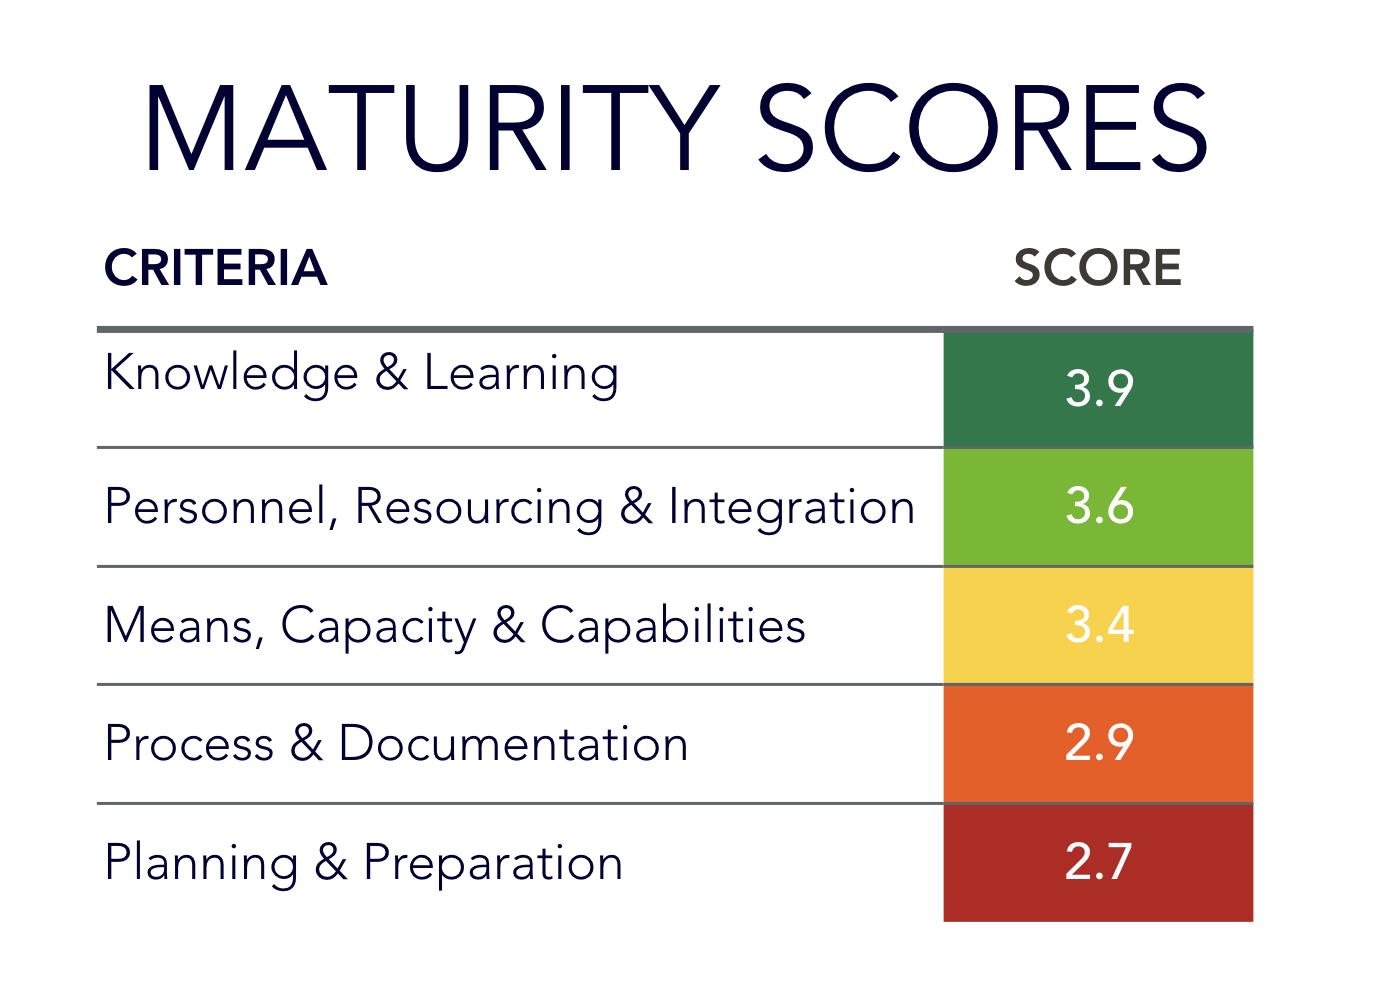 Maturity scores